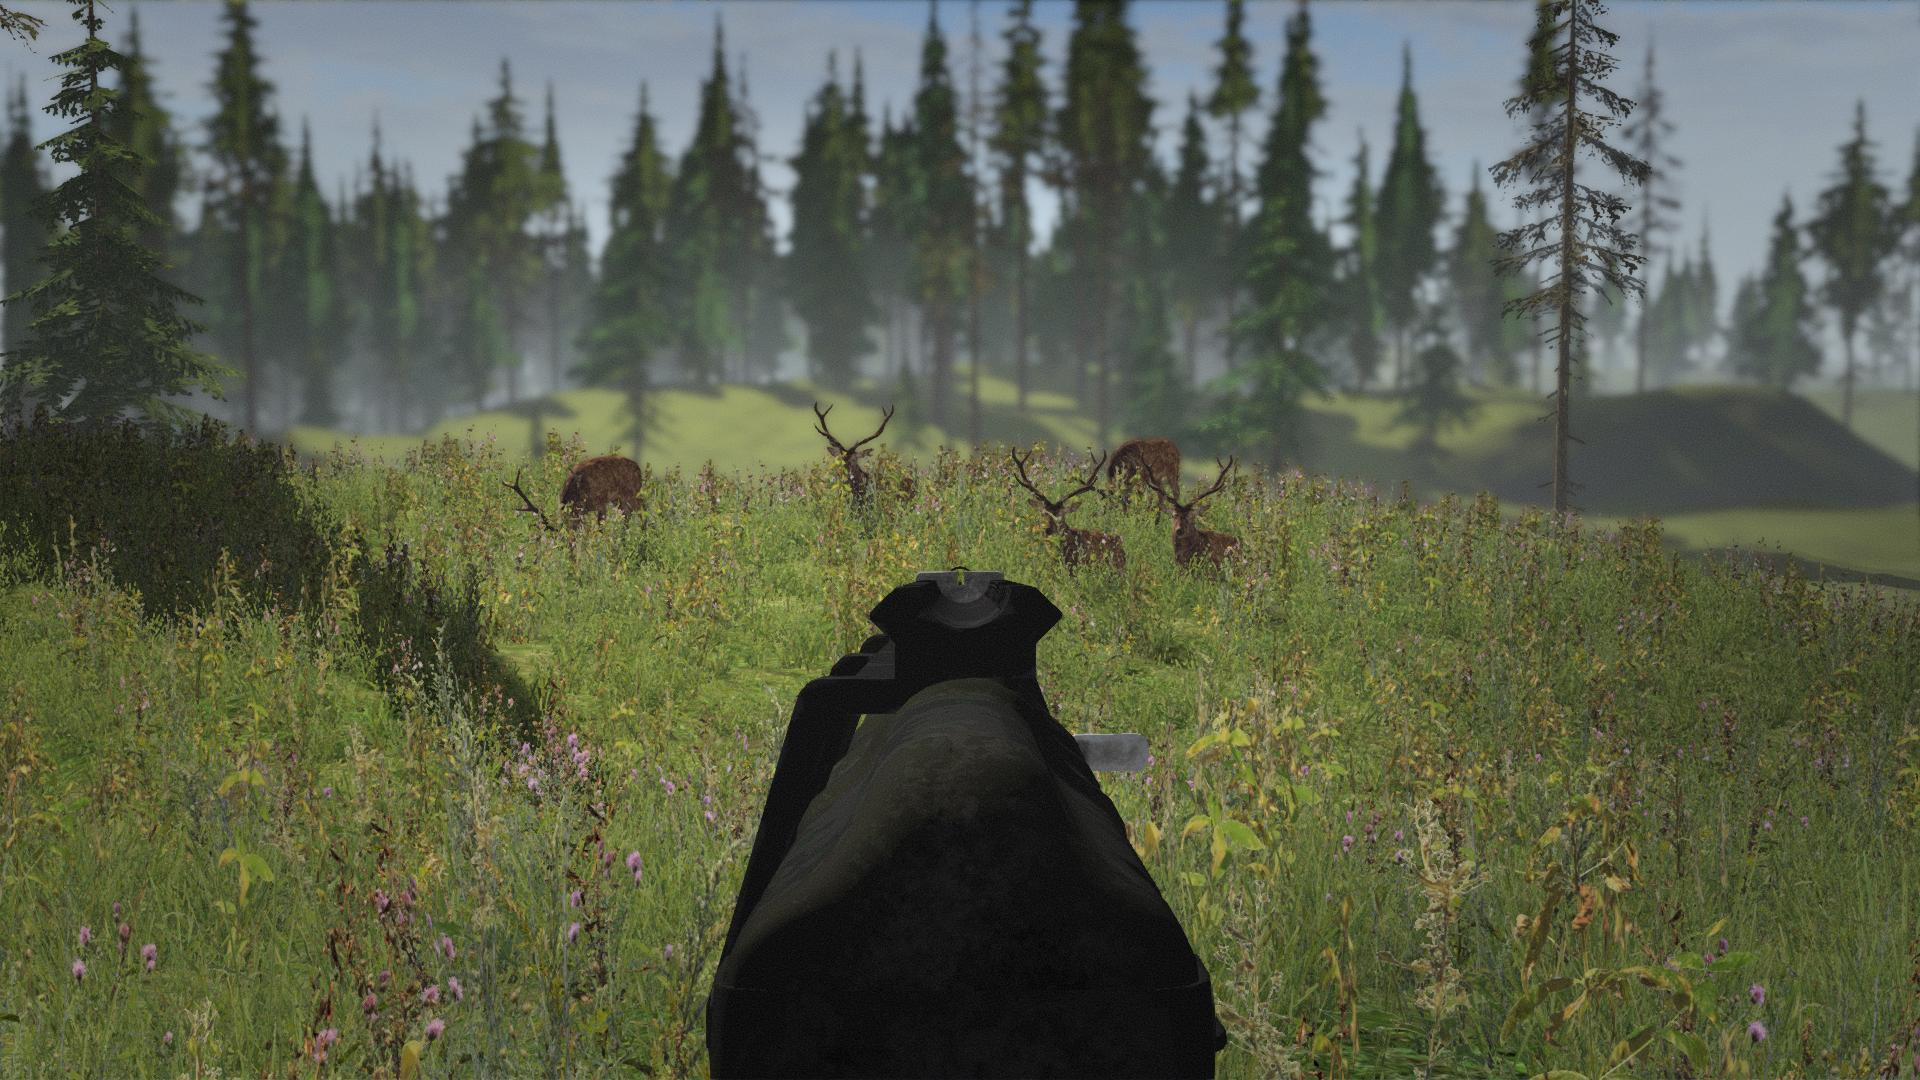 5 deers living in a herd